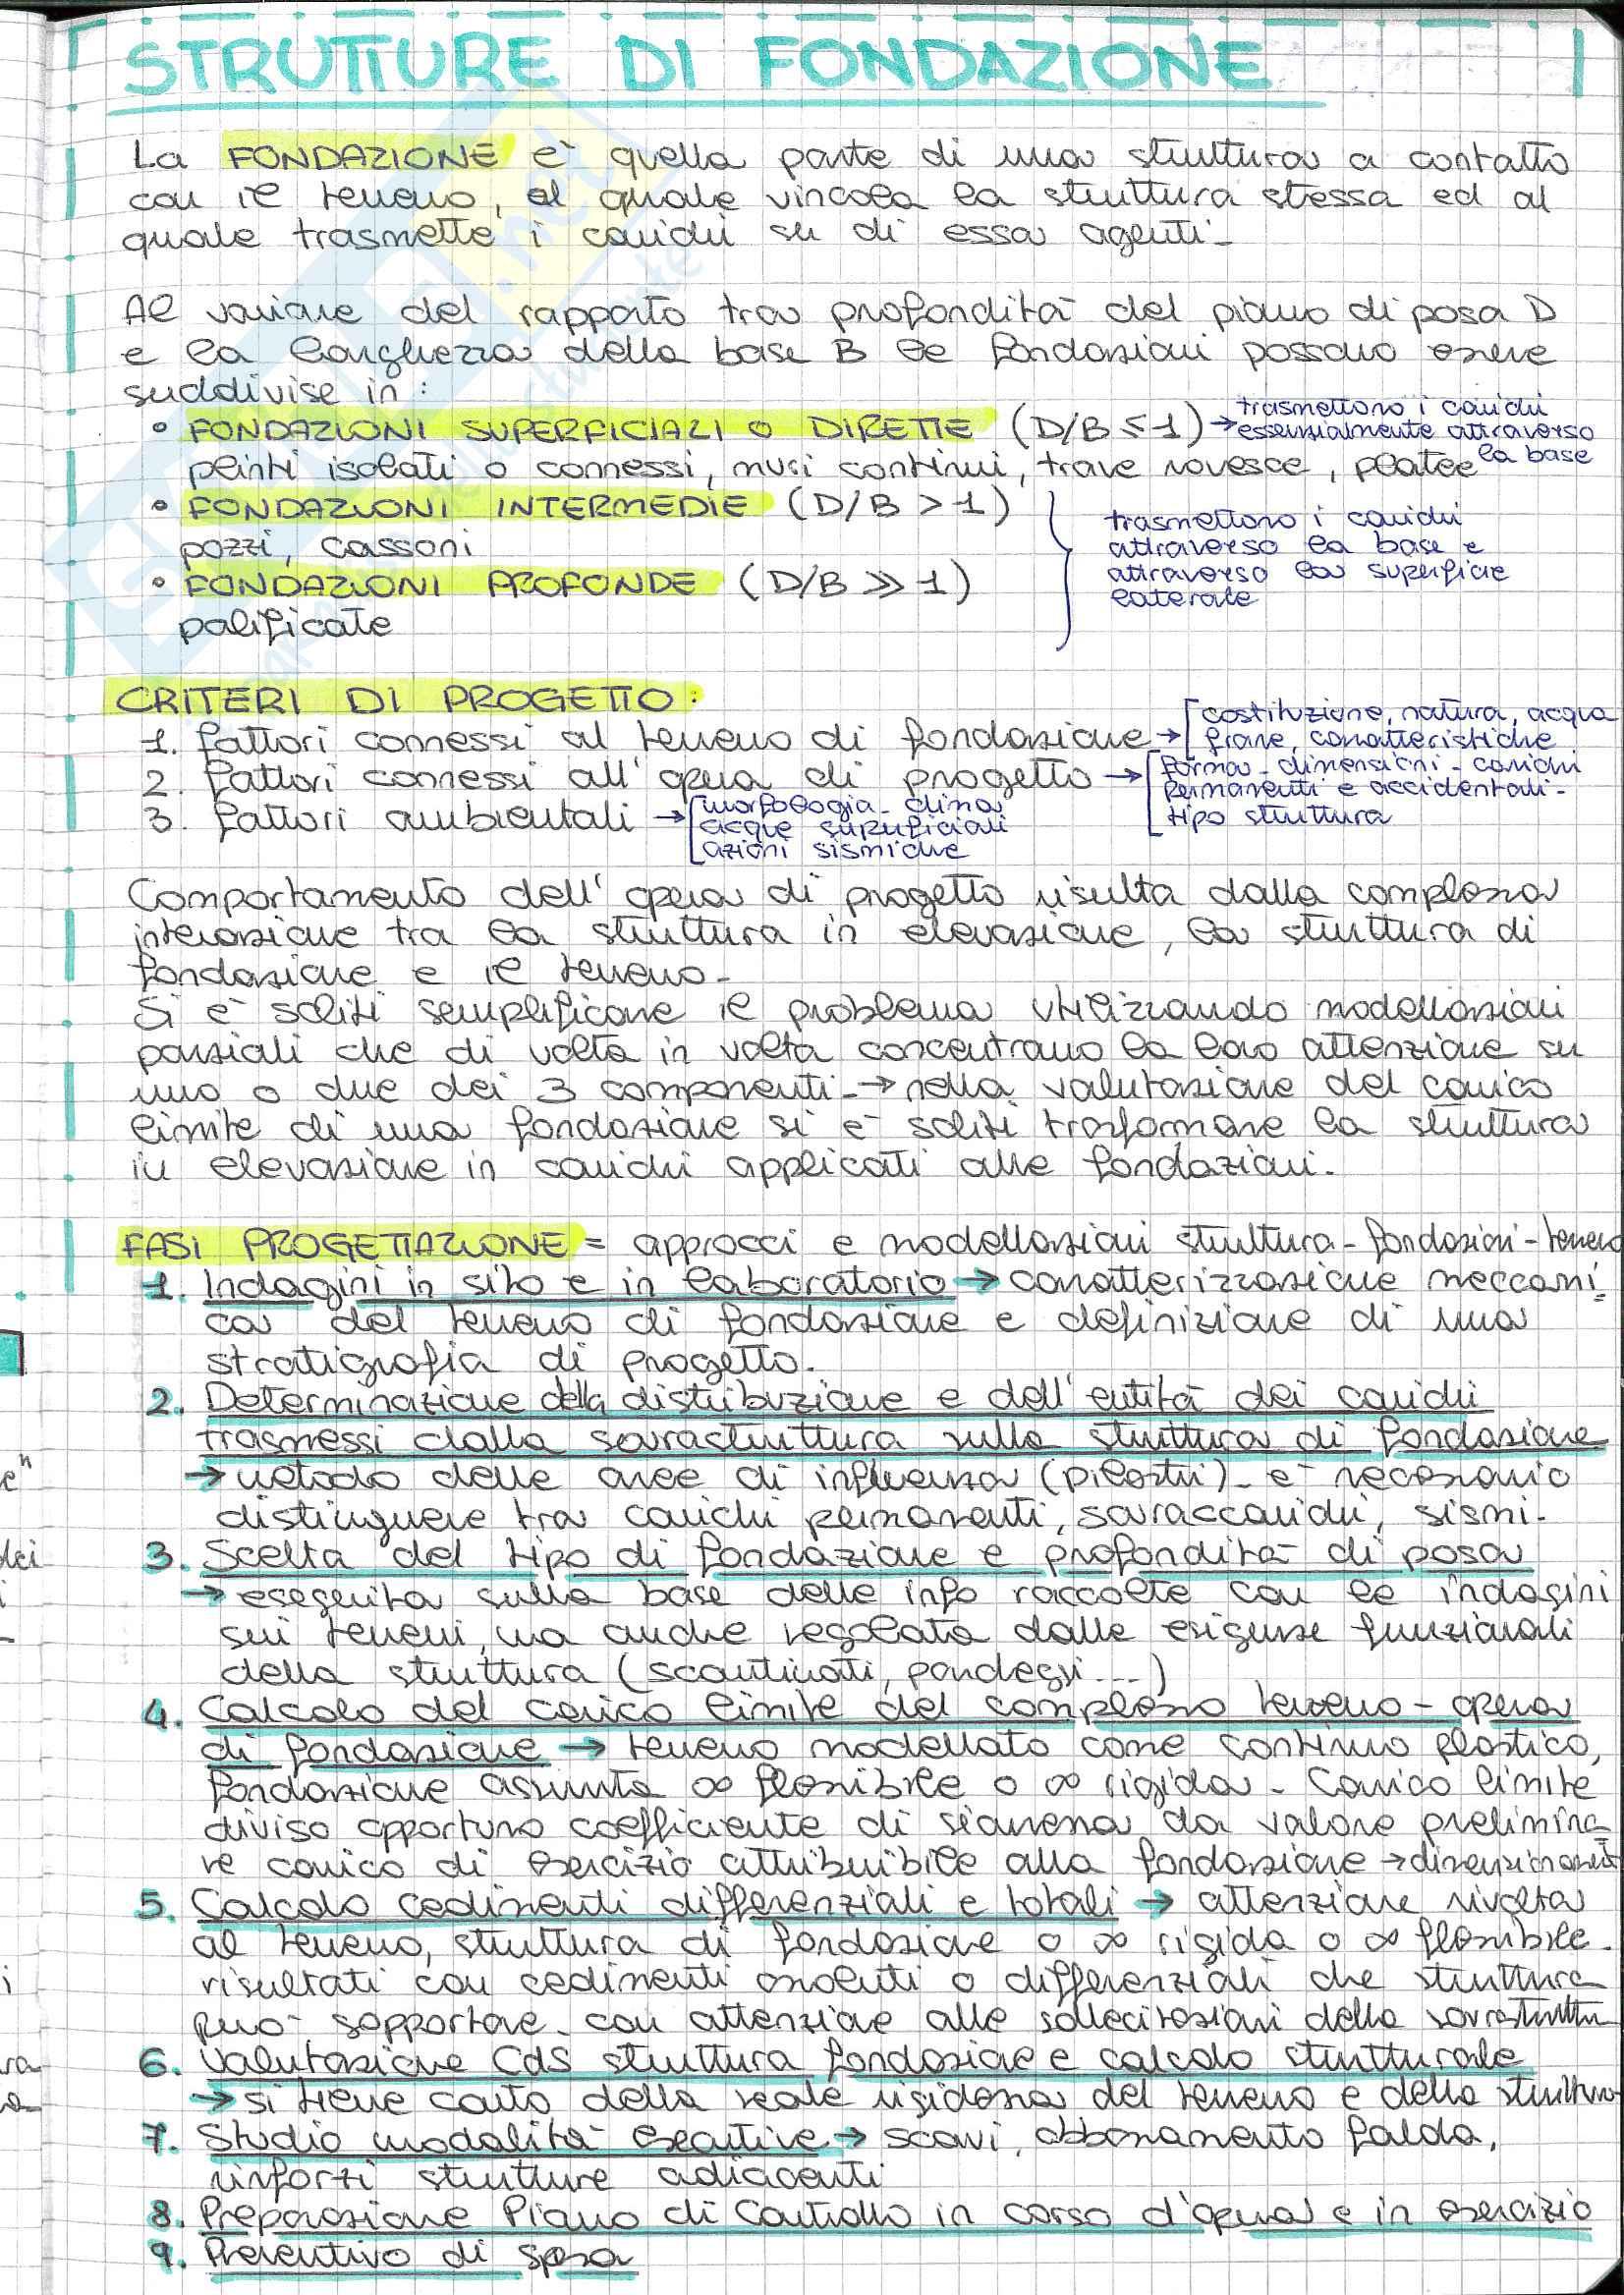 Riassunto esame Fondamenti di Geotecnica, prof. Desideri, libro consigliato Fondazioni, C. Viggianii: opere di sostegno Pag. 21